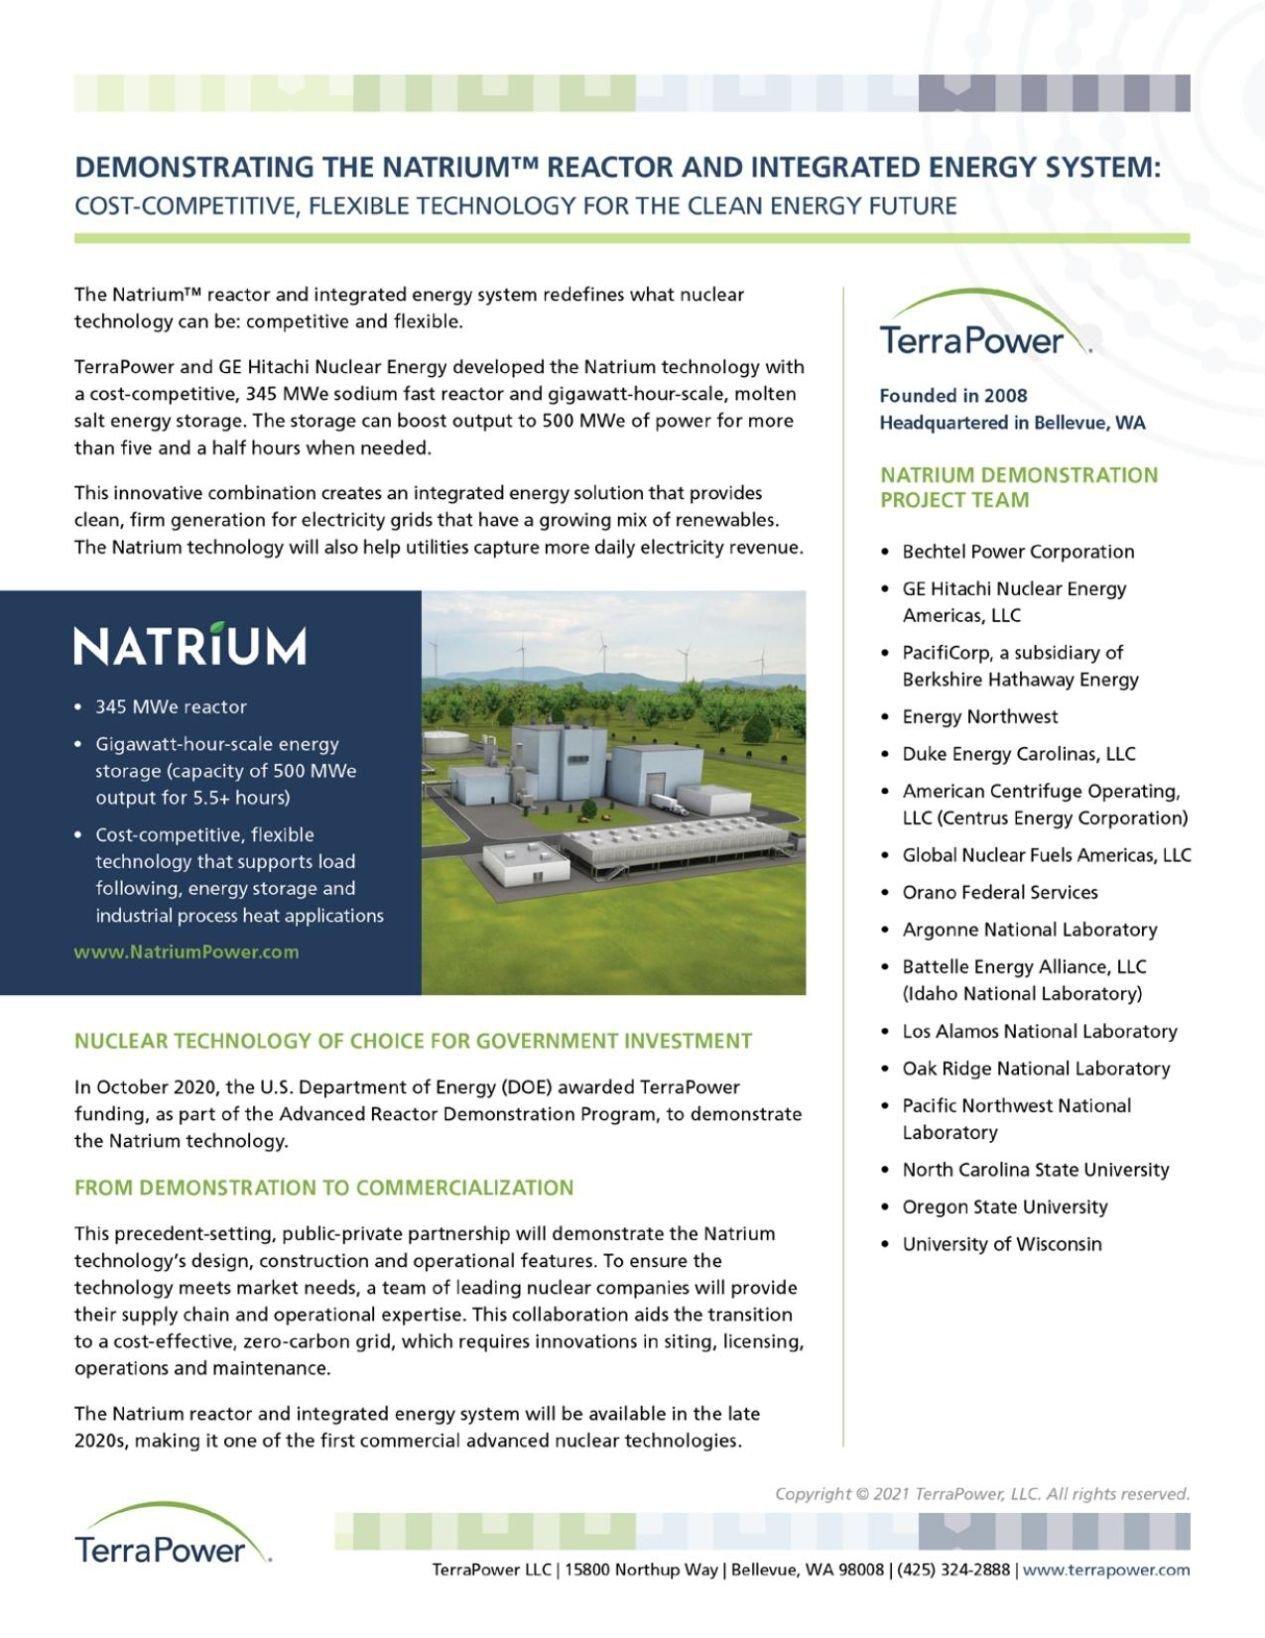 Fact Sheet: The Natrium Reactor